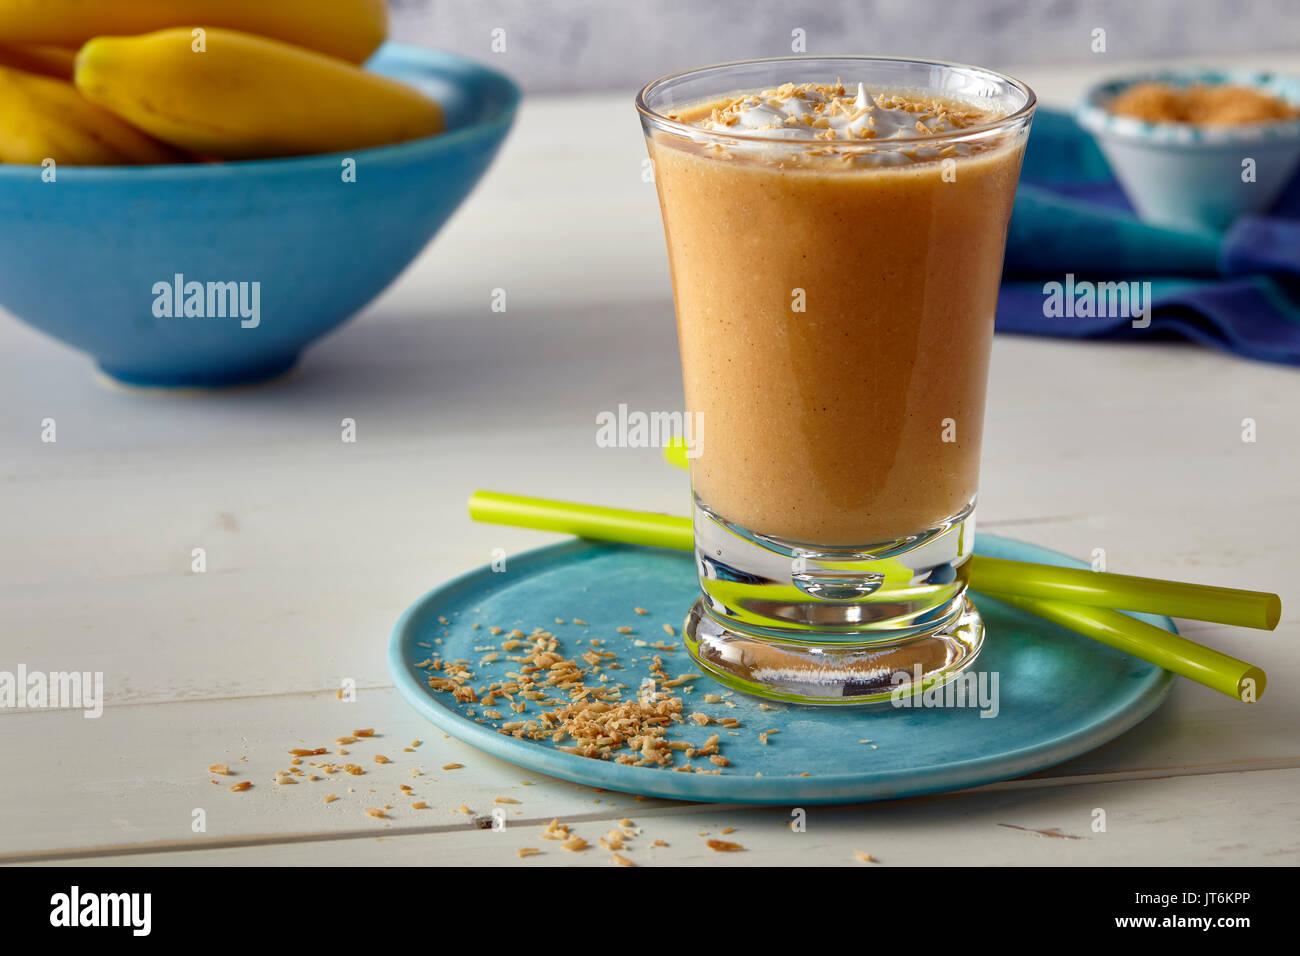 Carrot cake shake - Stock Image